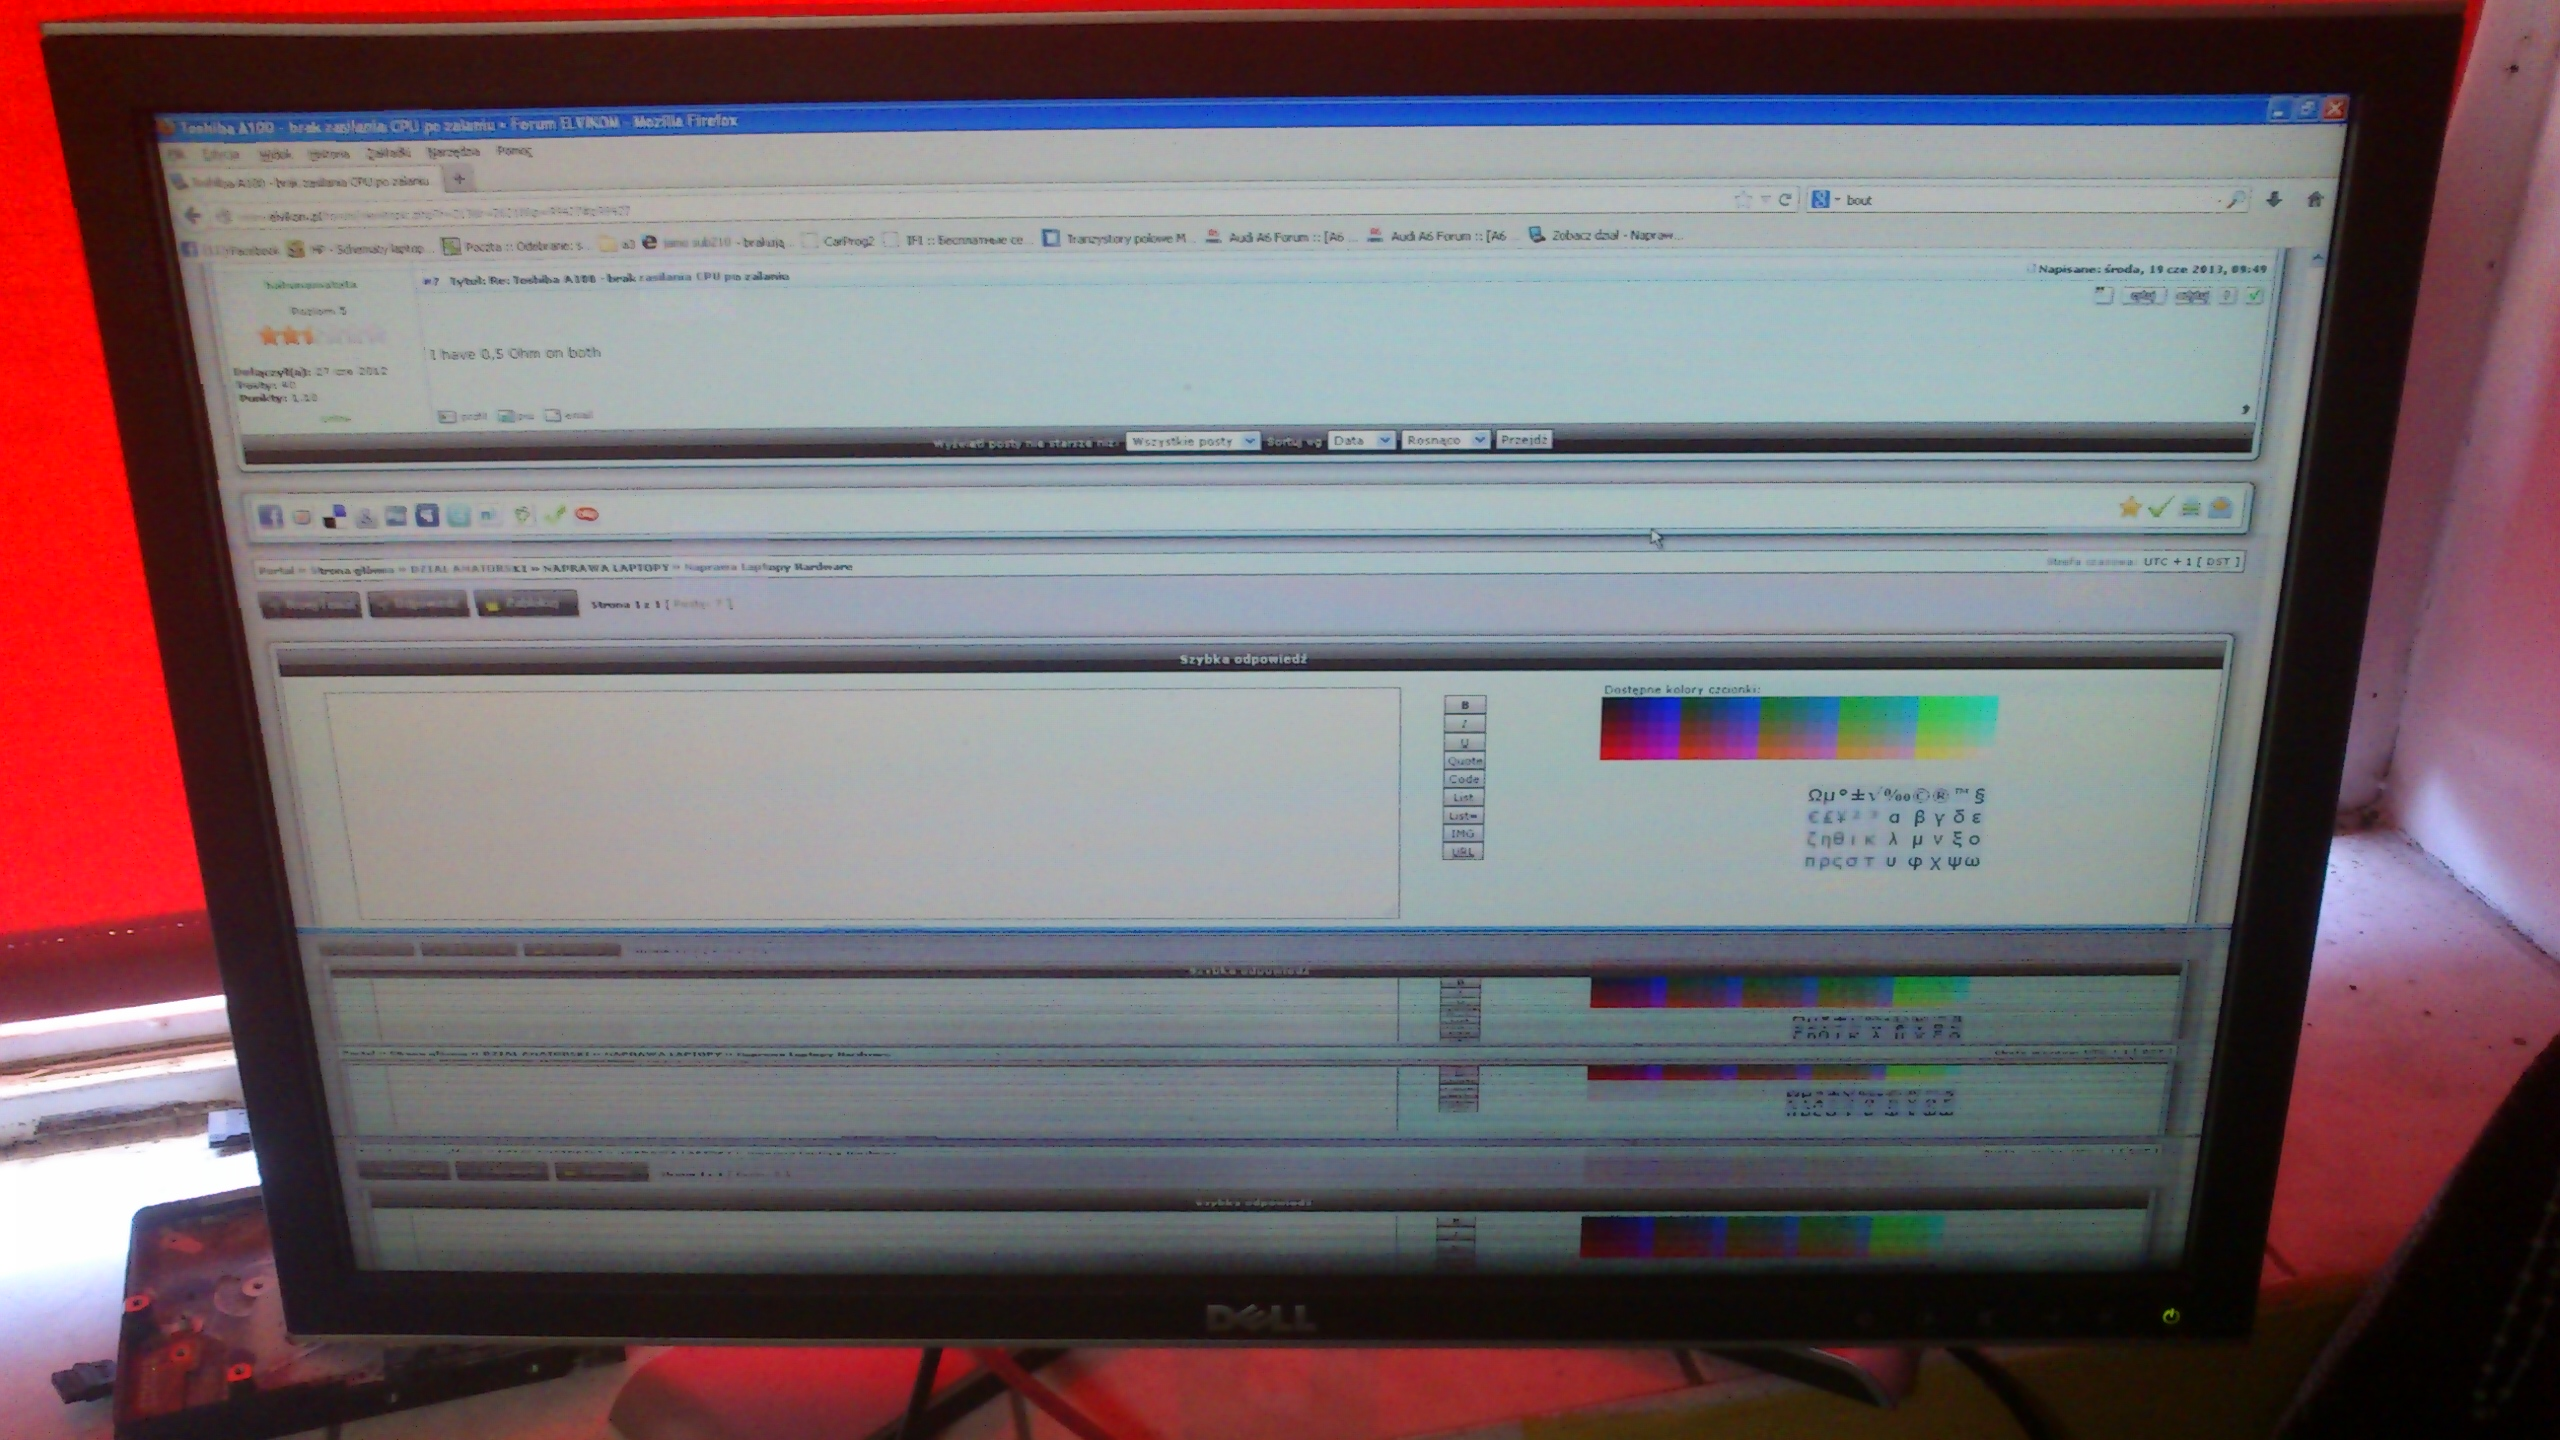 Dell 2408wfpb - Poci�ta tre�� obrazu, poziome pasy